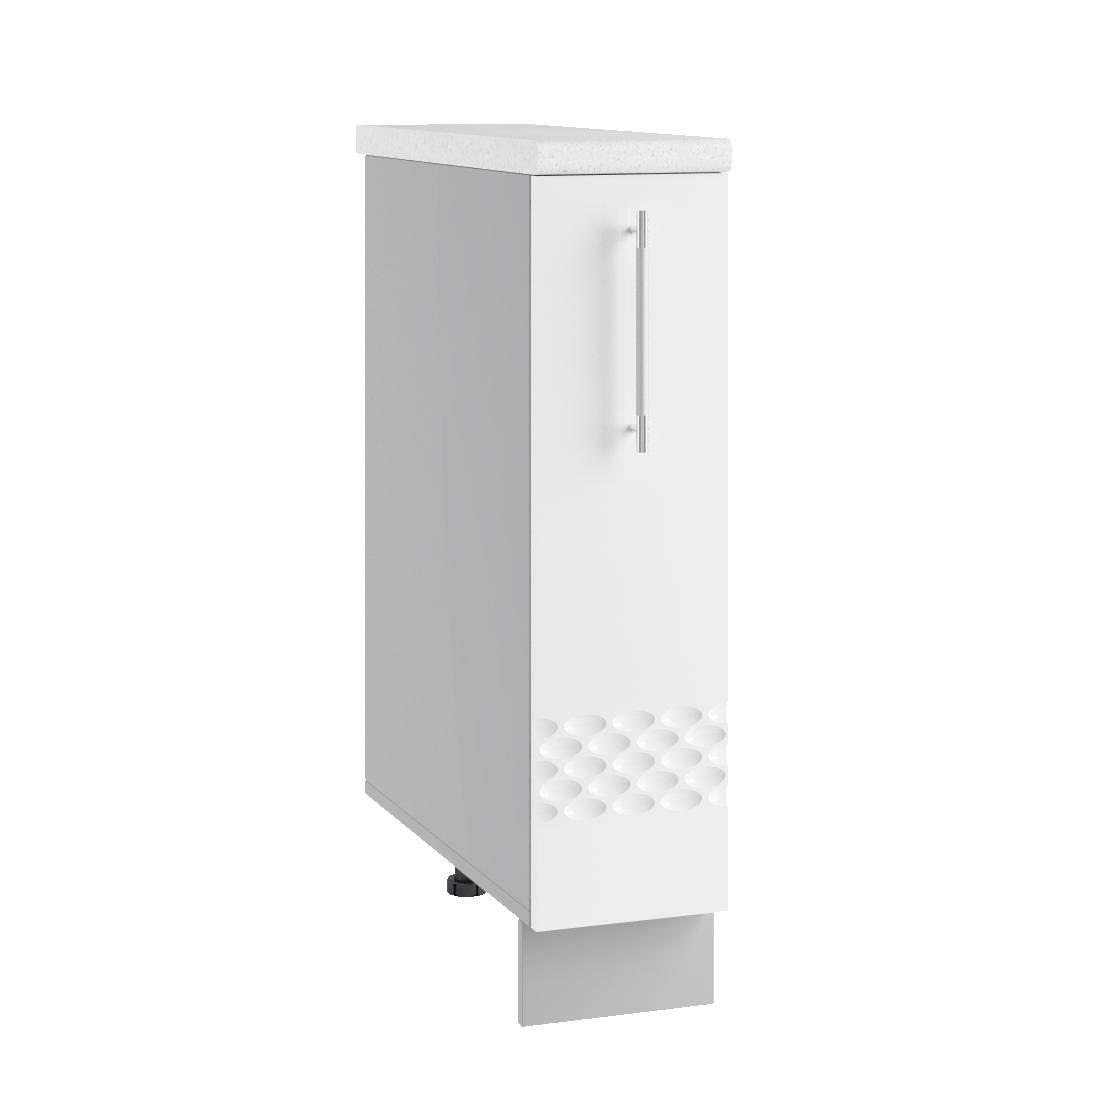 Кухня Капля 3D СБ 200 Шкаф нижний бутылочница